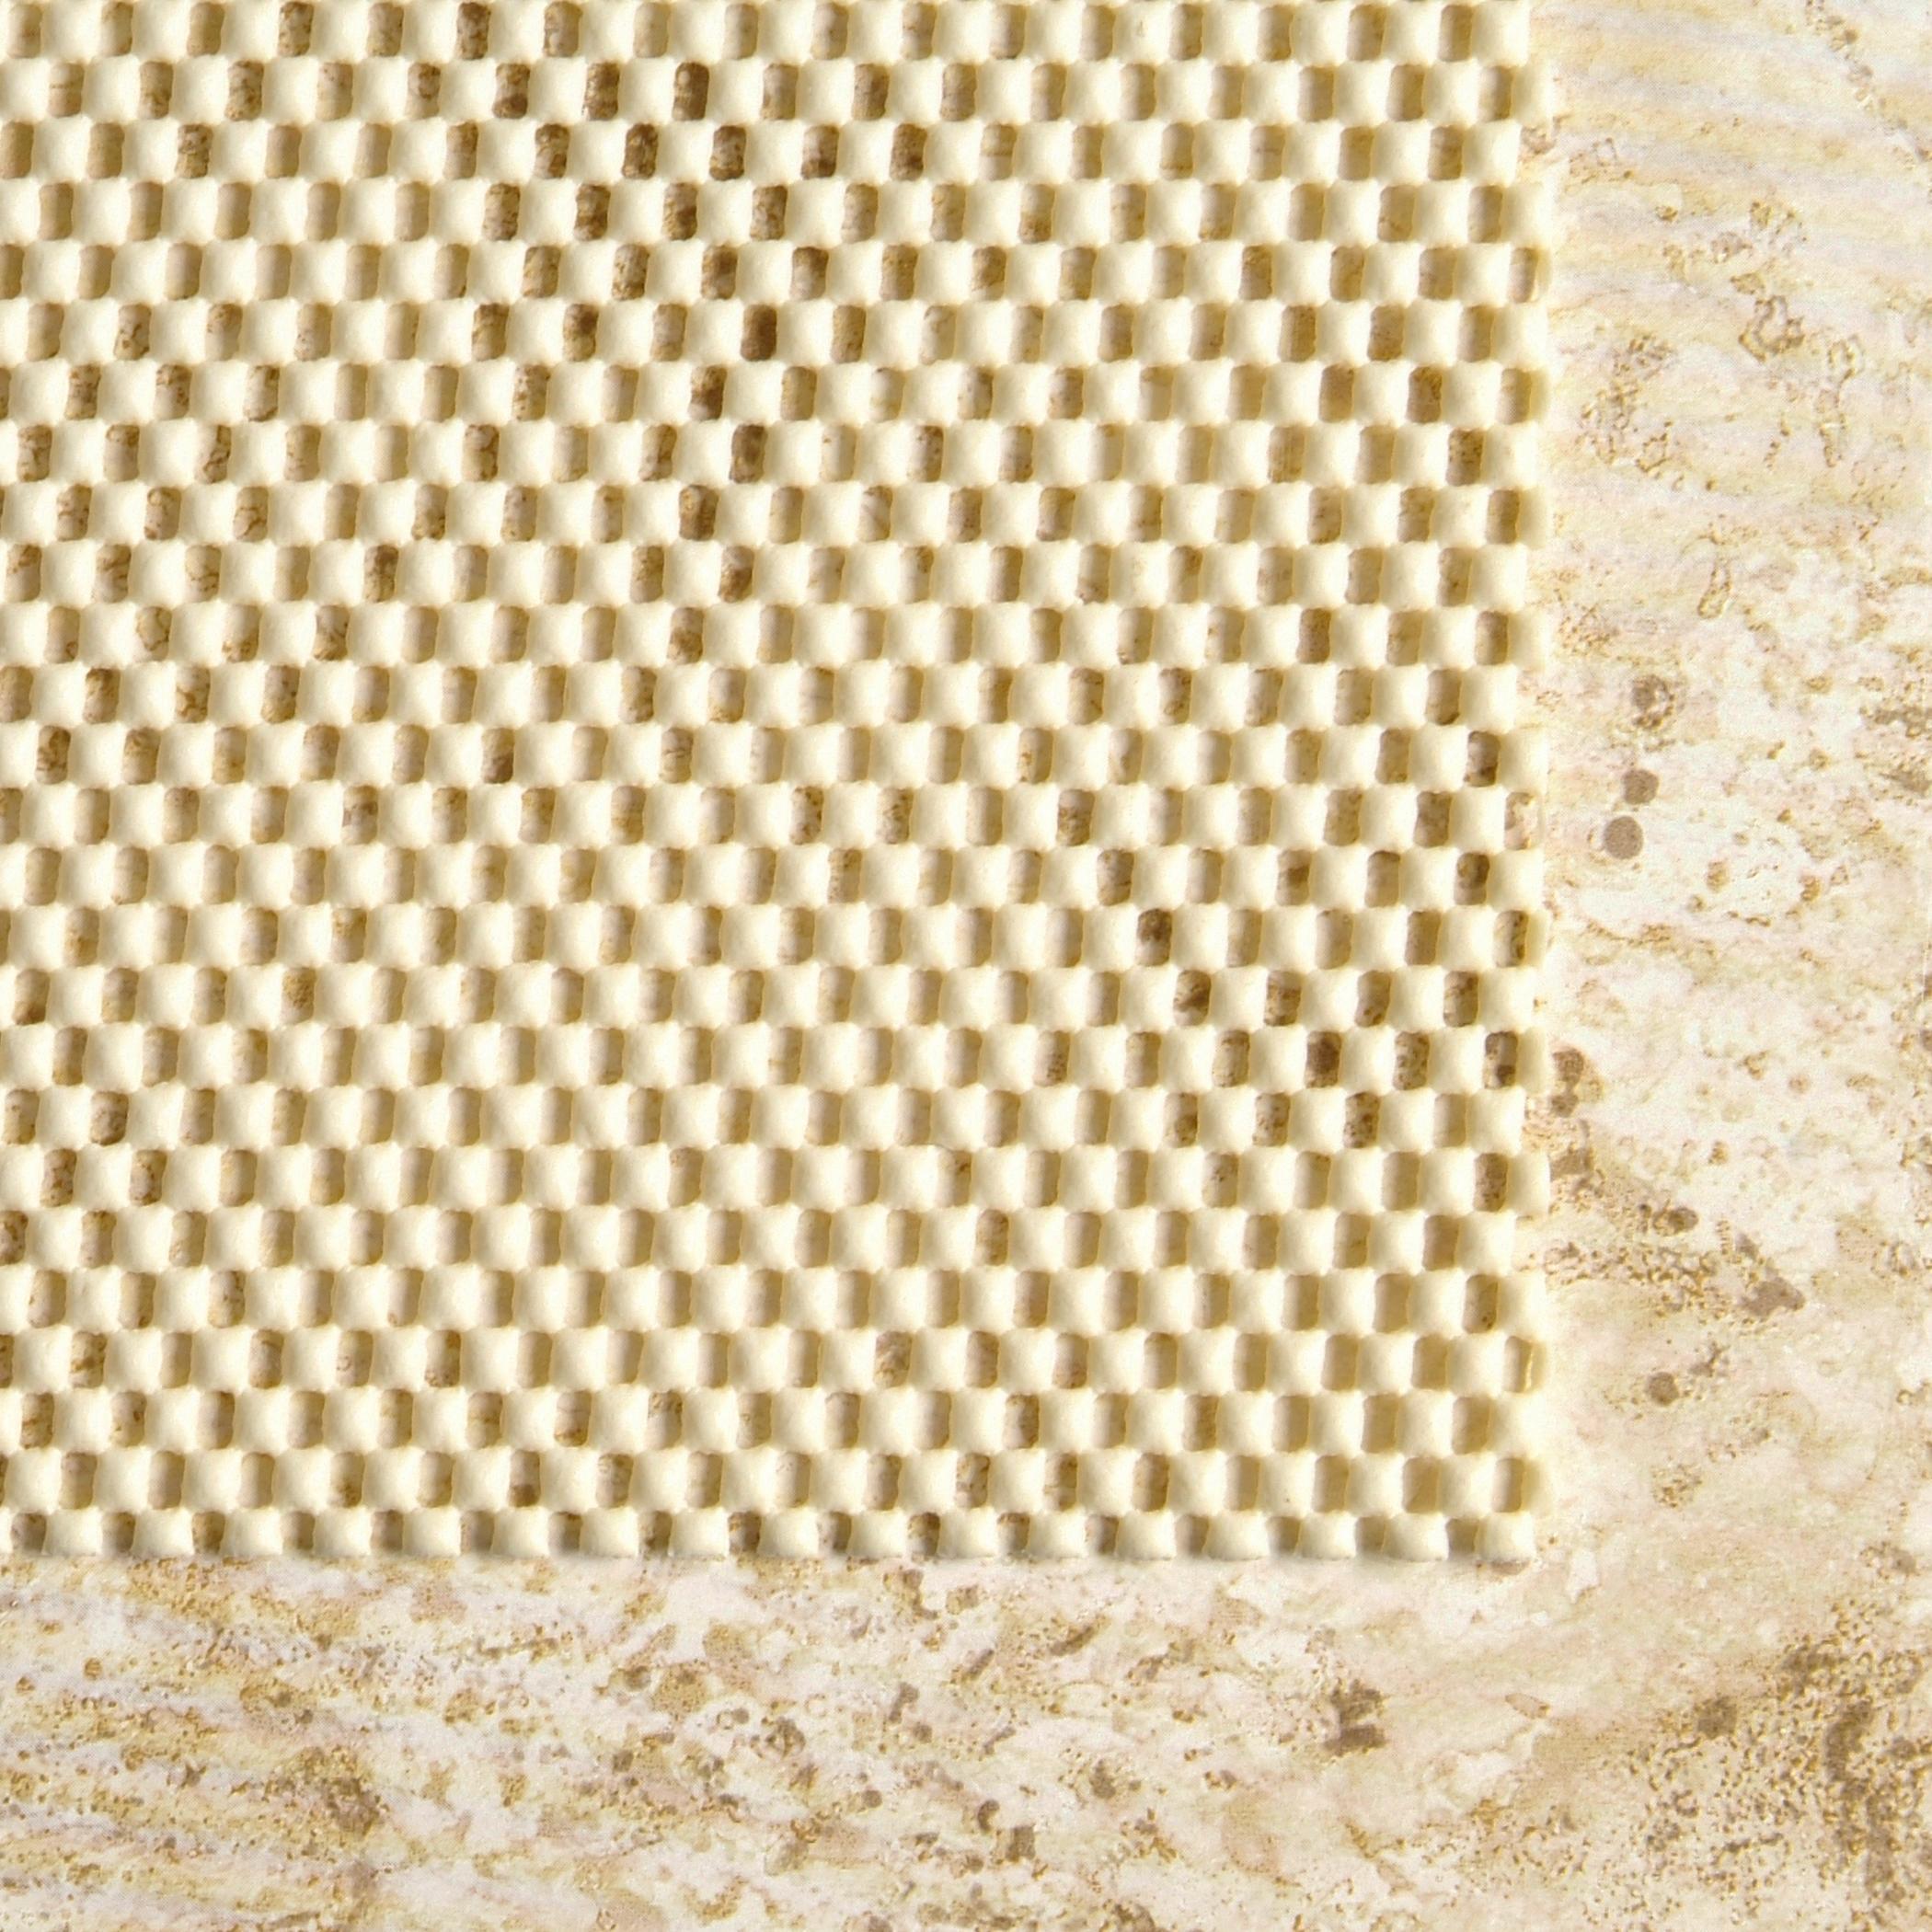 Amazon Con Tact Brand Rectangular Outdoor Patio Rug